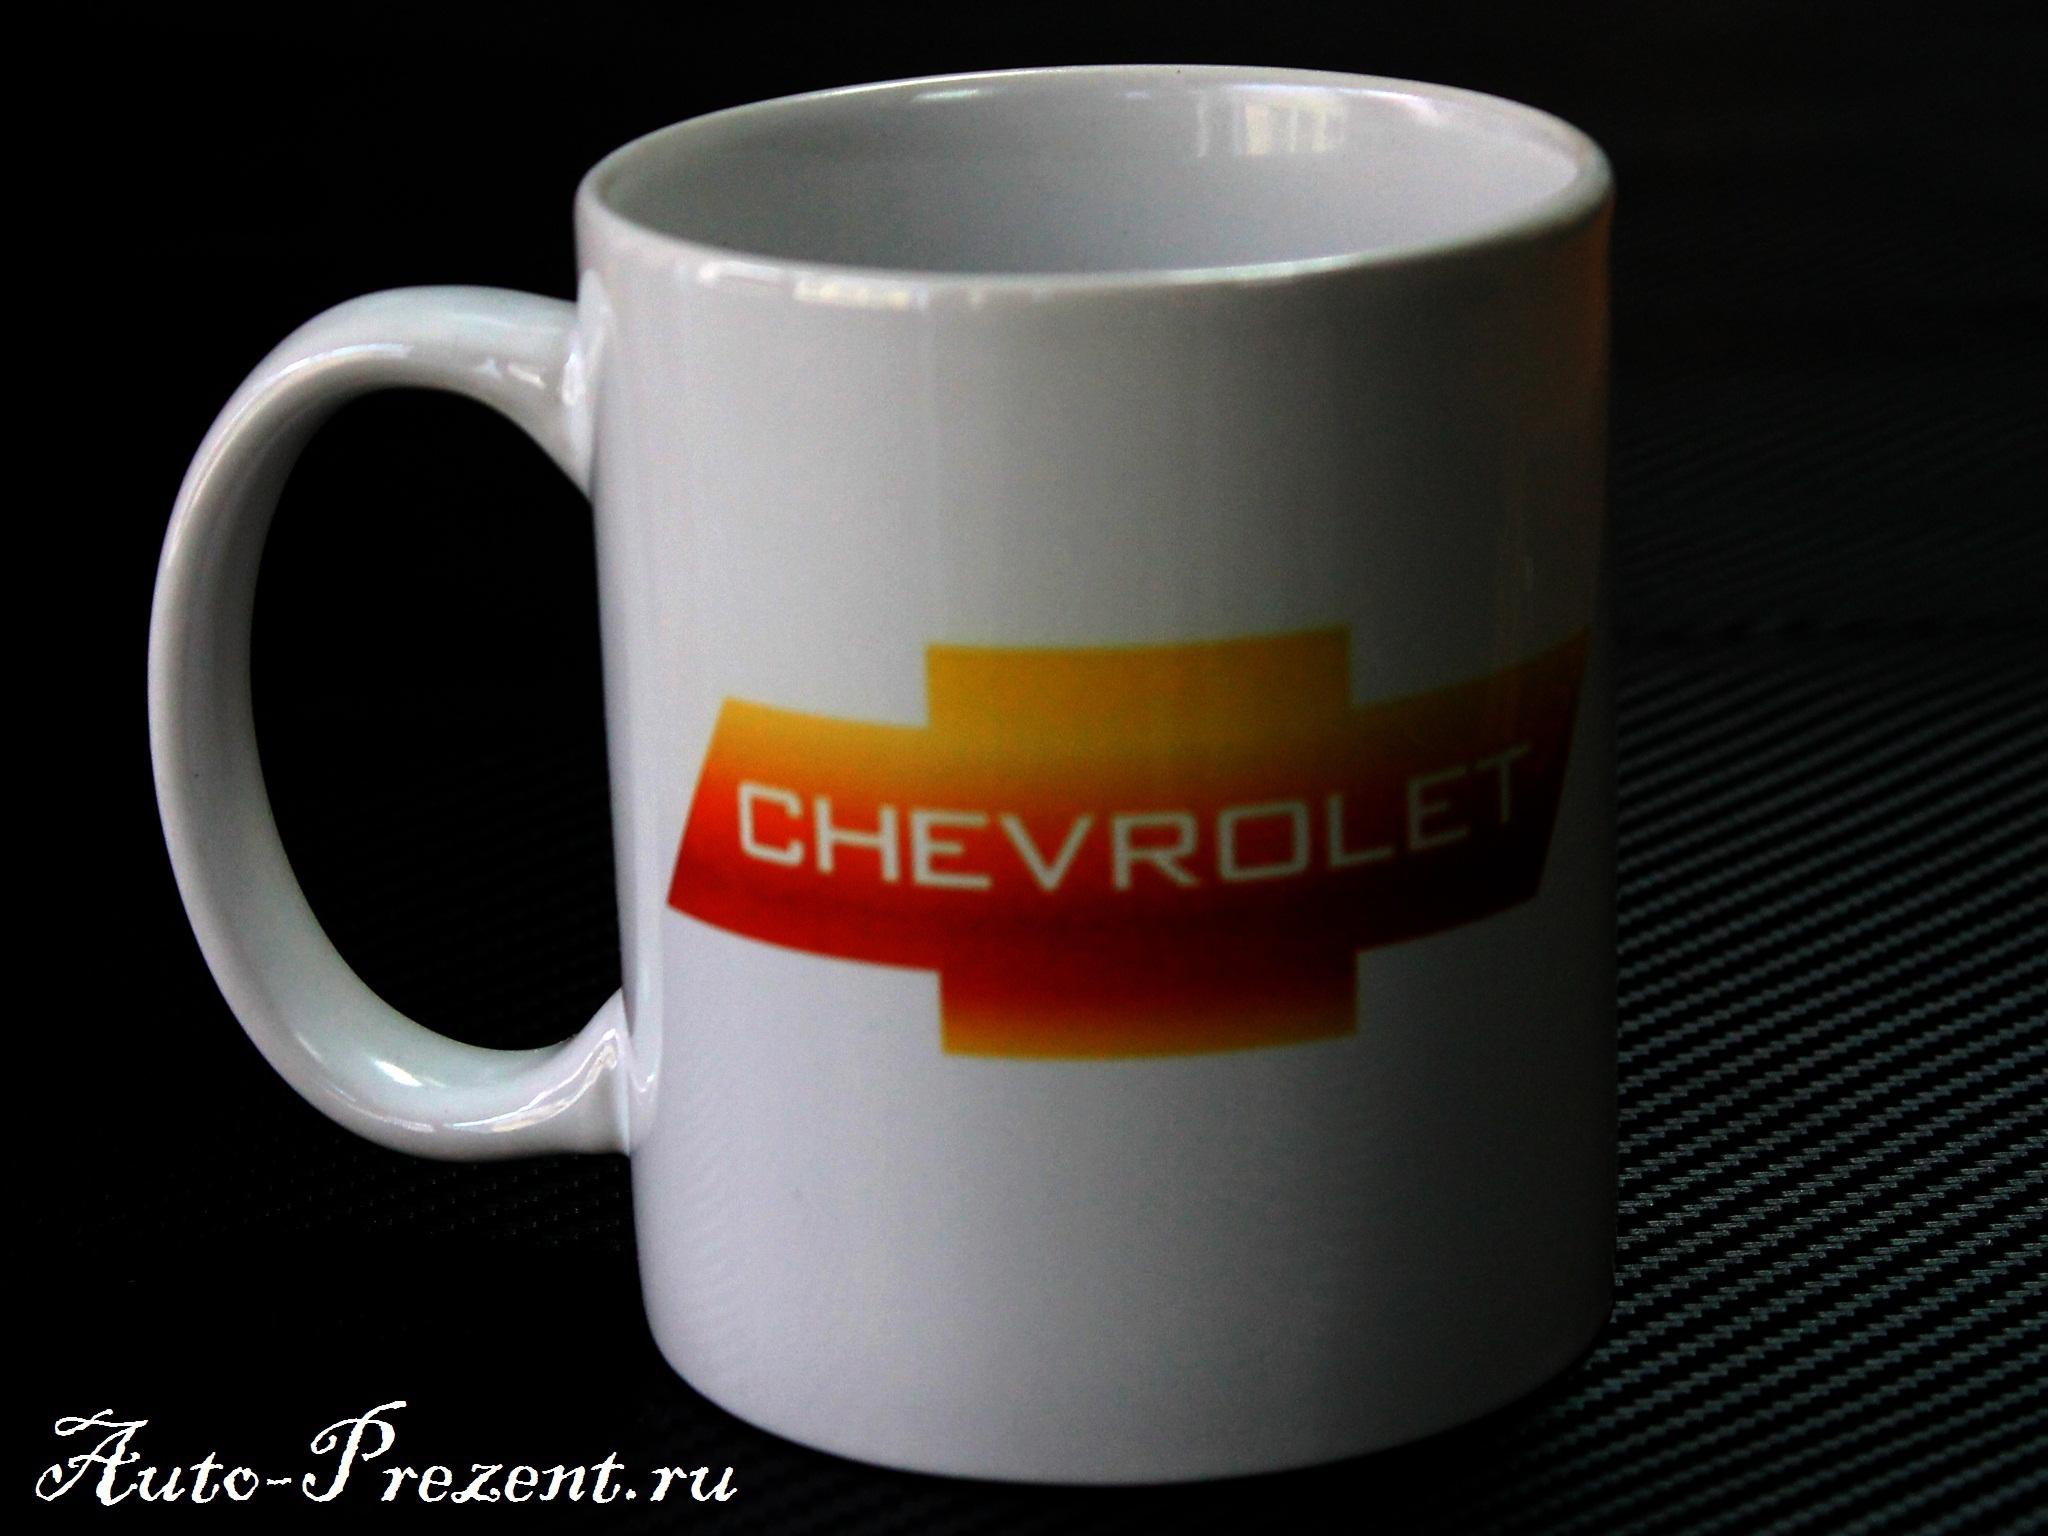 Кружка с логотипом CHEVROLET